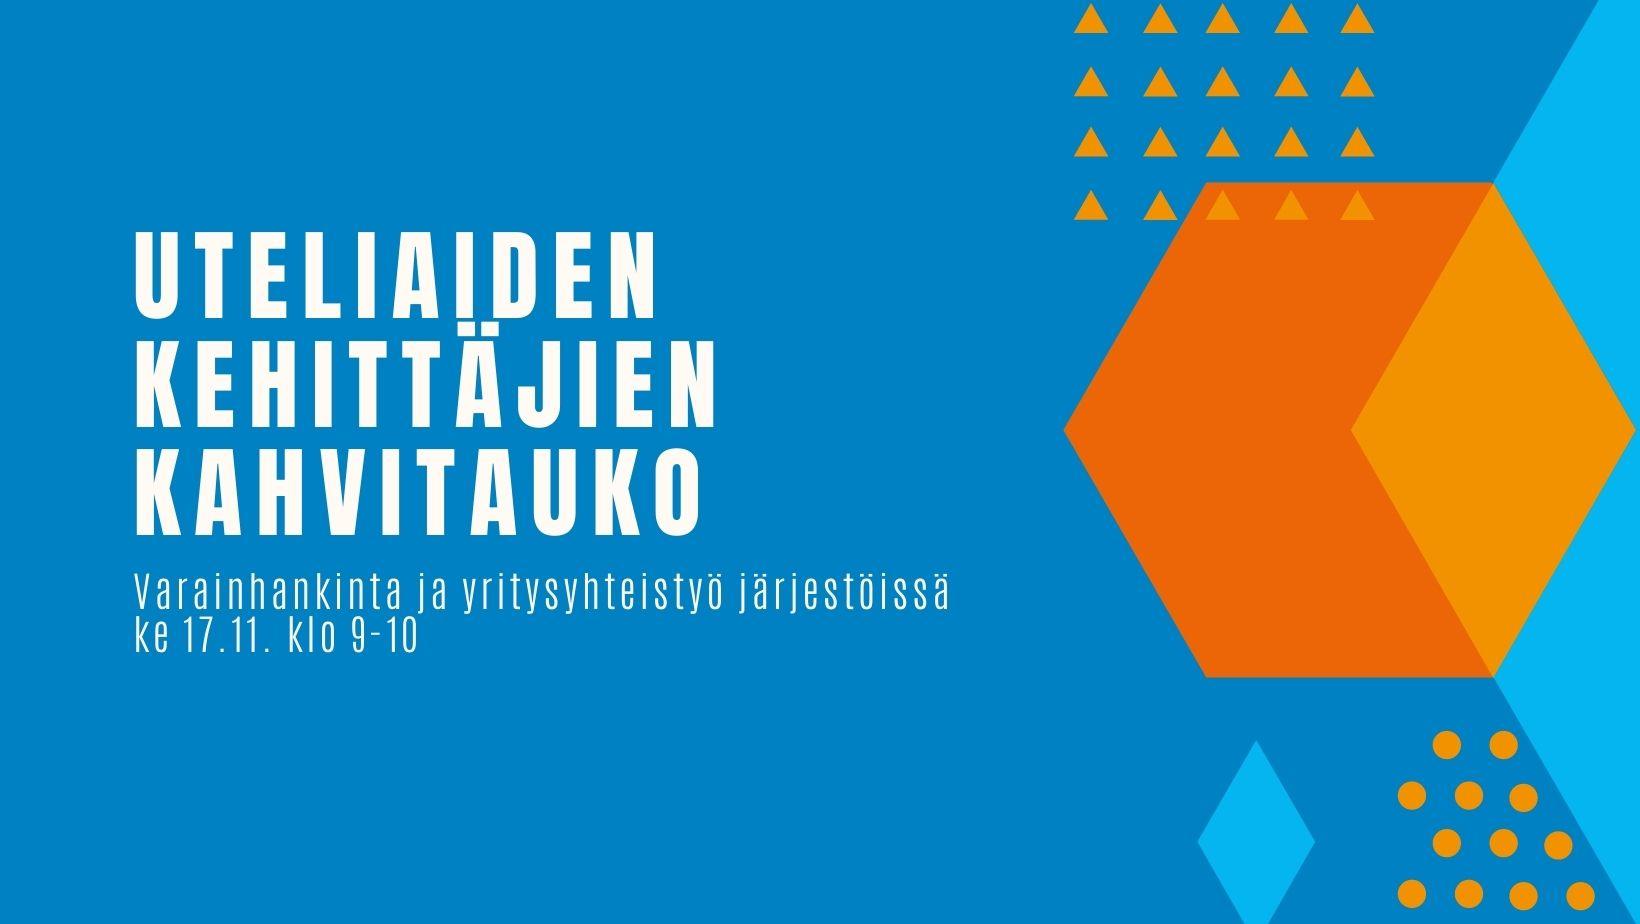 Indigon sinisellä taustalla teksti: Uteliaiden kehittäjien kahvitauko. Sivussa 8-kulmio oranssilla ja geometrisia kuvioita kuten salmiakki ja pallo sinisellä